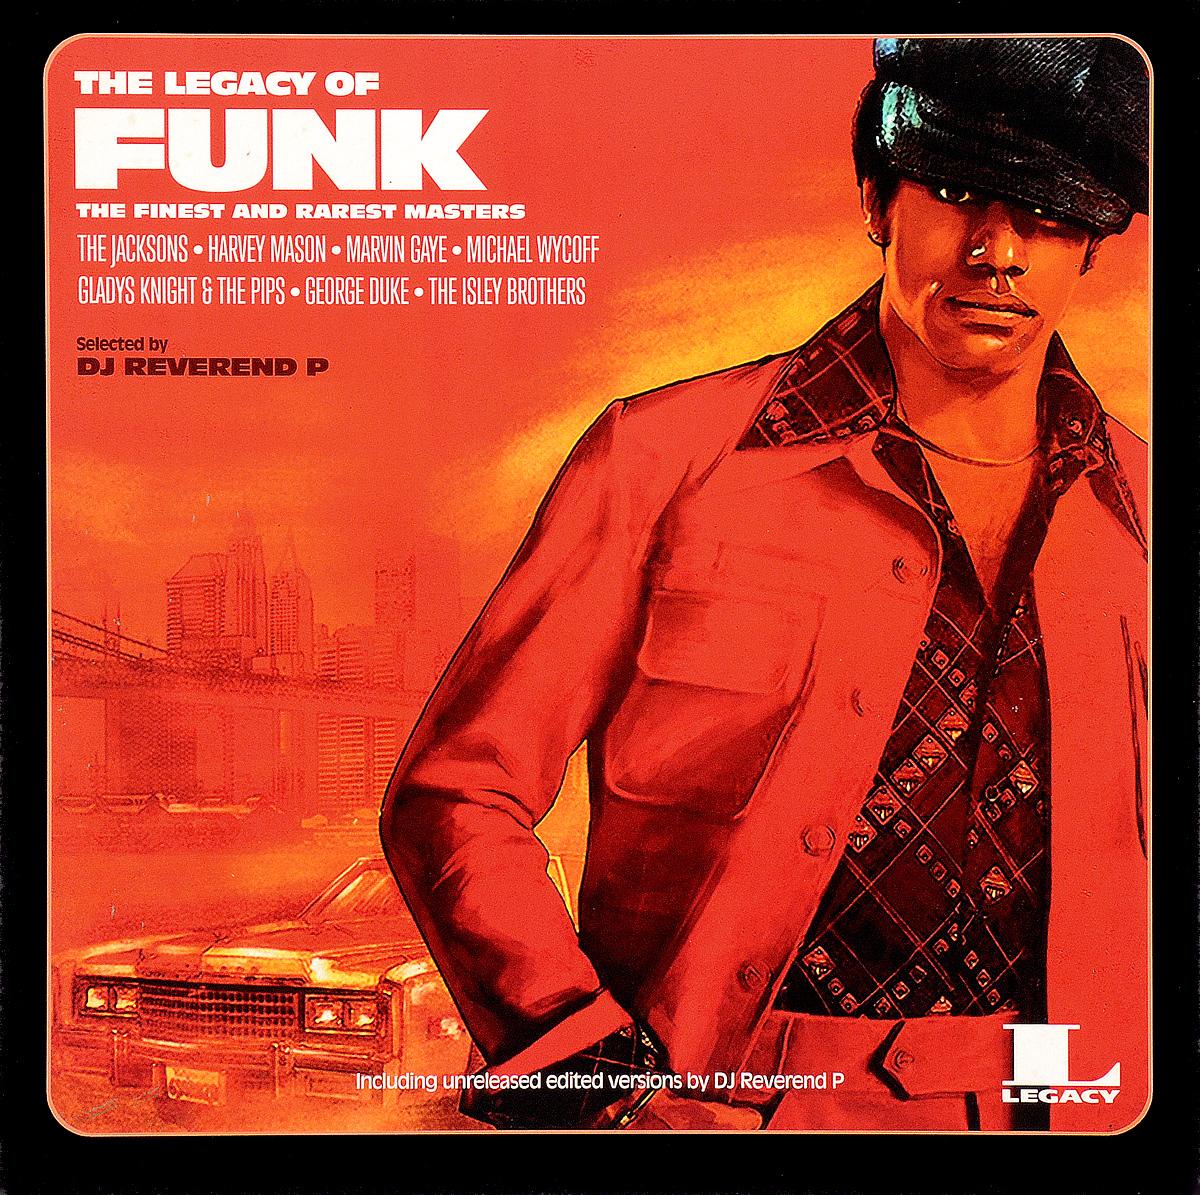 Пластинки упакованы в отдельные конверты. Издание содержит секретный код для загрузки цифровой версии альбома.